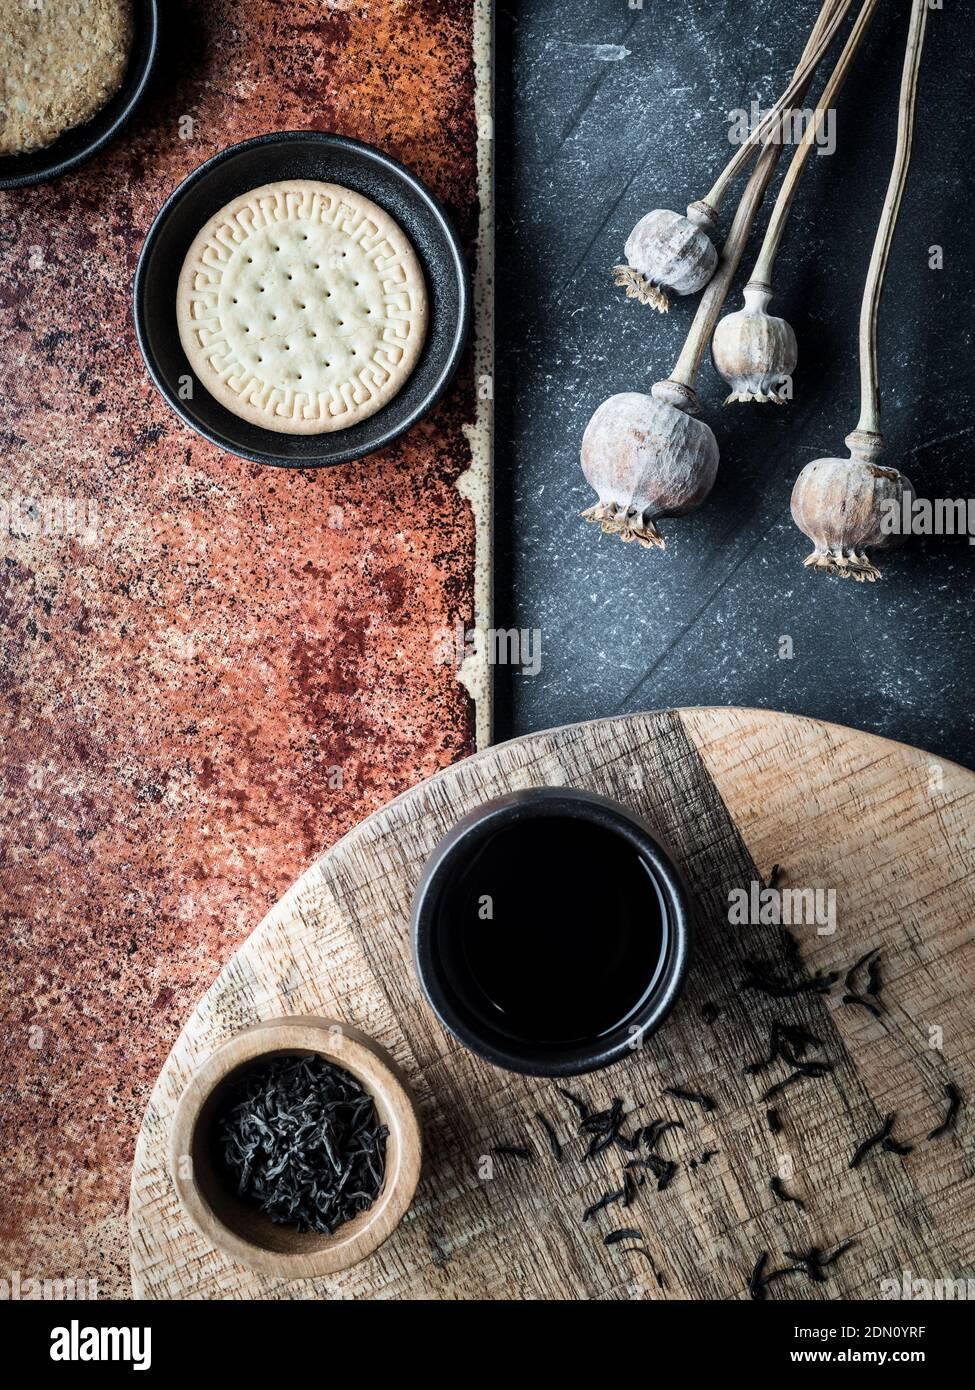 Diversi tipi di biscotti e tazza di caffè su sfondo grigio e teracota. Scatto in testa. Foto Stock